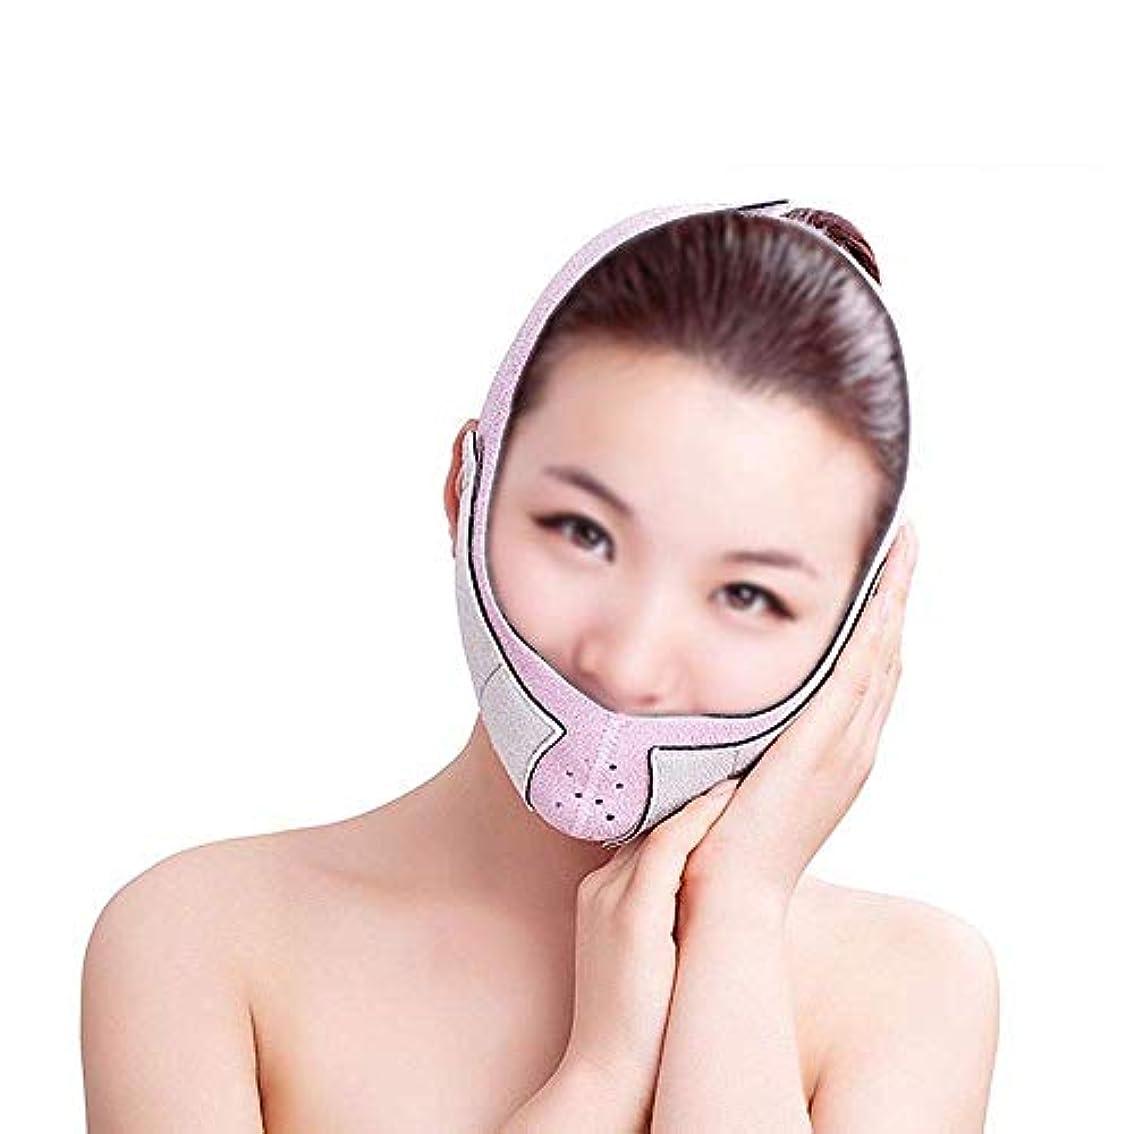 噛むビスケット一般的にフェイスリフトマスク、スリミングベルト薄いフェイスマスク強力なリフティング小さなV顔薄い顔包帯美容顔リフティングデバイス